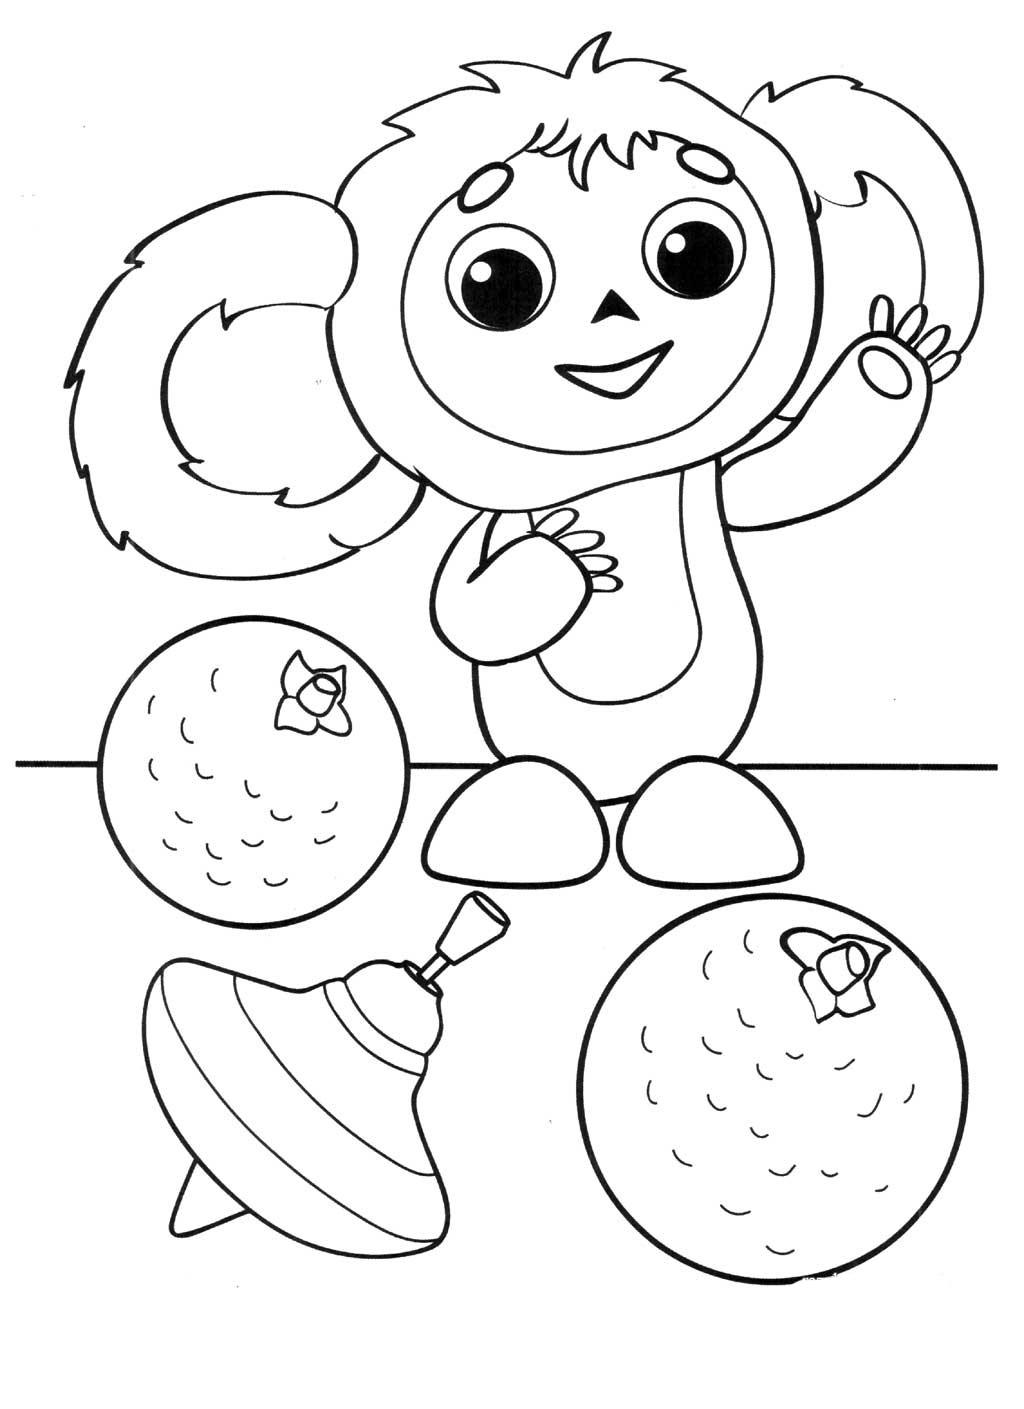 Раскраска Чебурашка - детские раскраски распечатать бесплатно